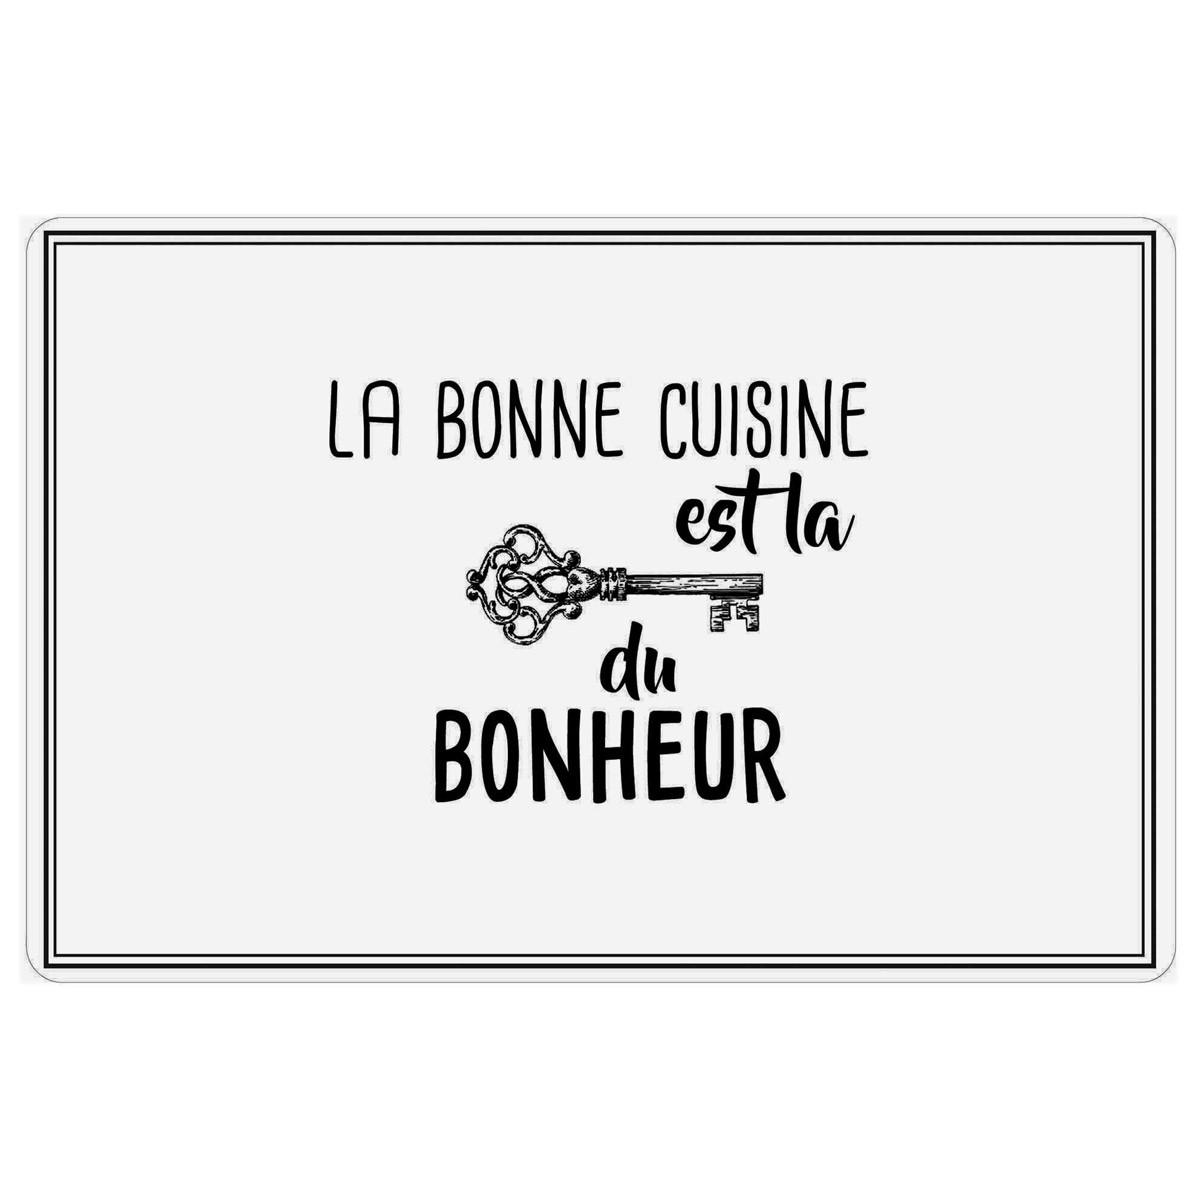 Σουπλά Cuisine Bonheur White 1790270